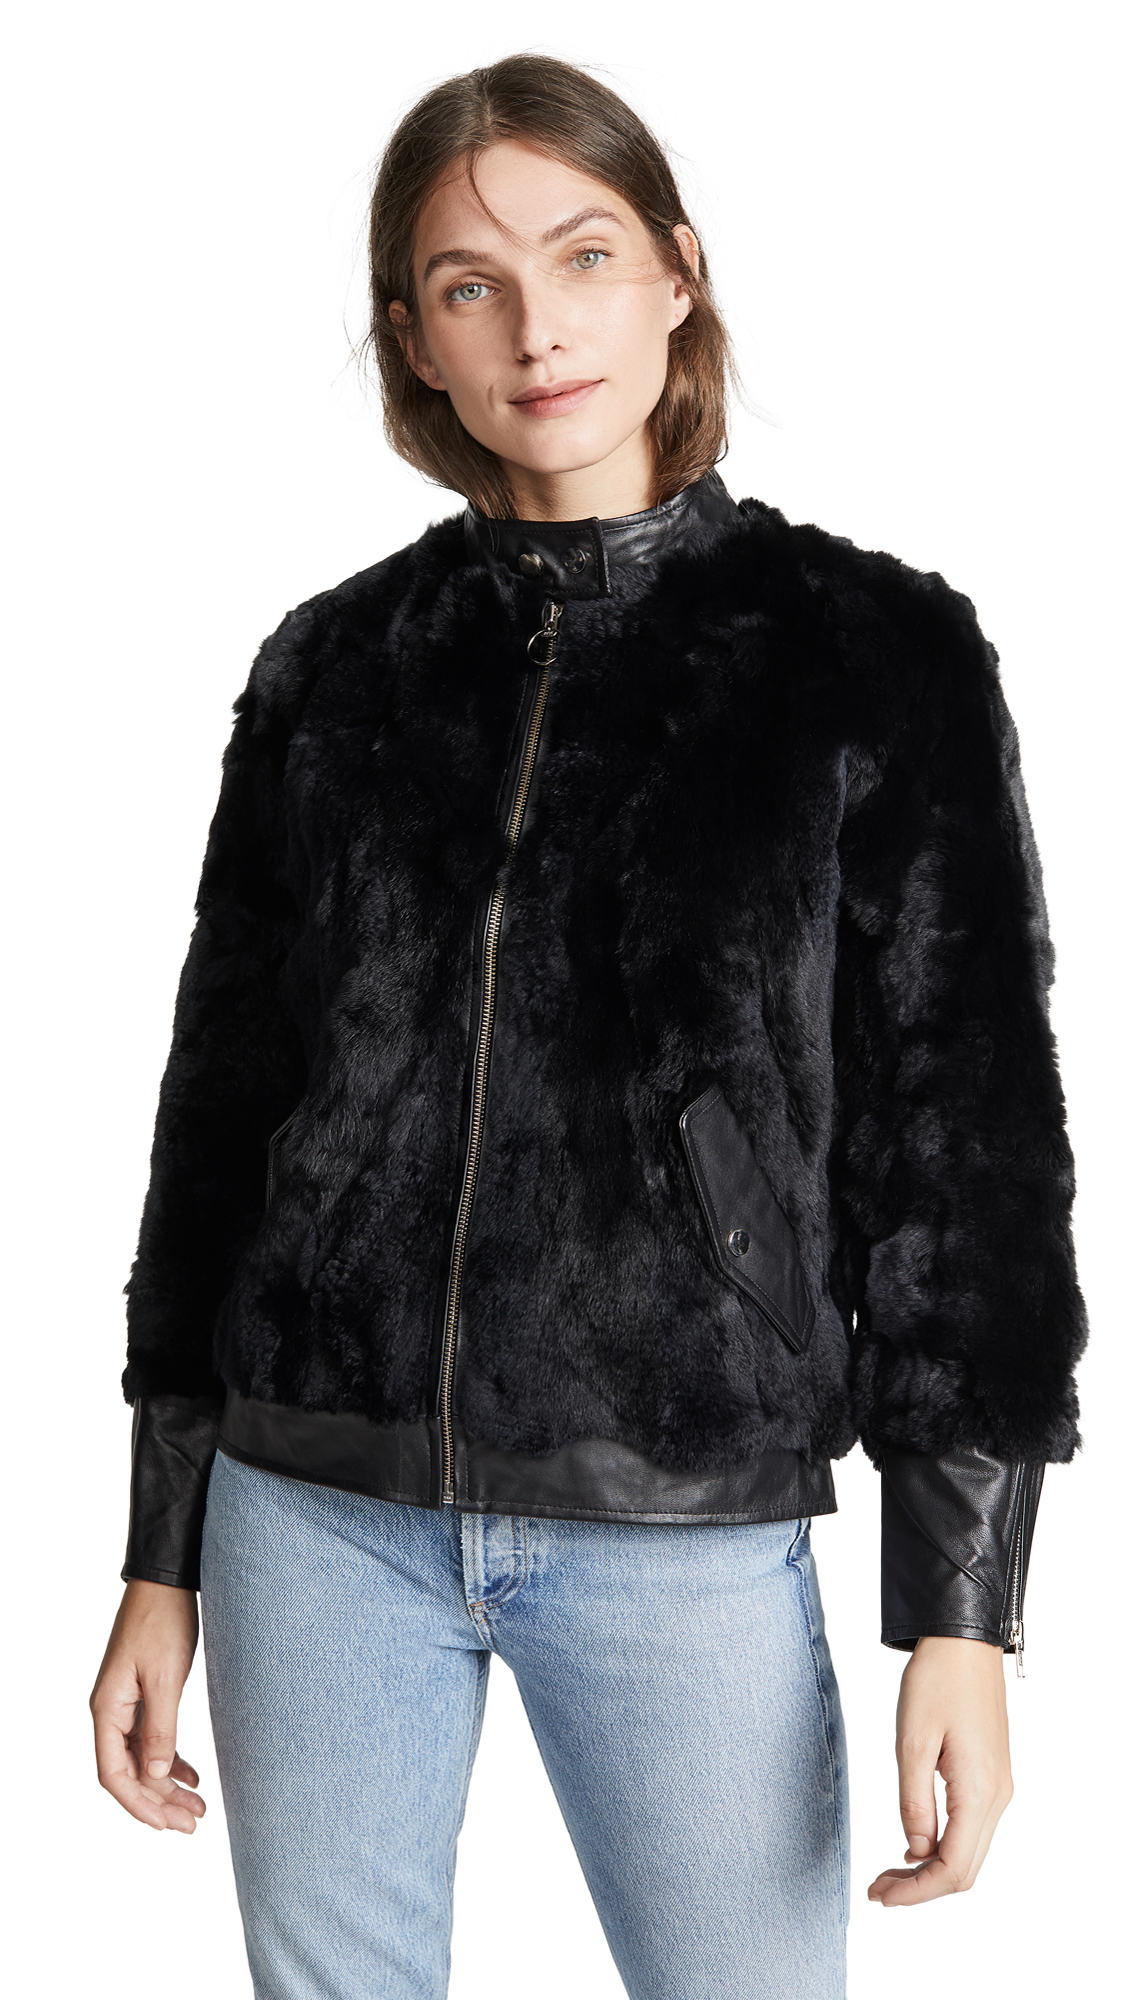 ADRIENNE LANDAU Fur Bomber With Leather Trim in Black